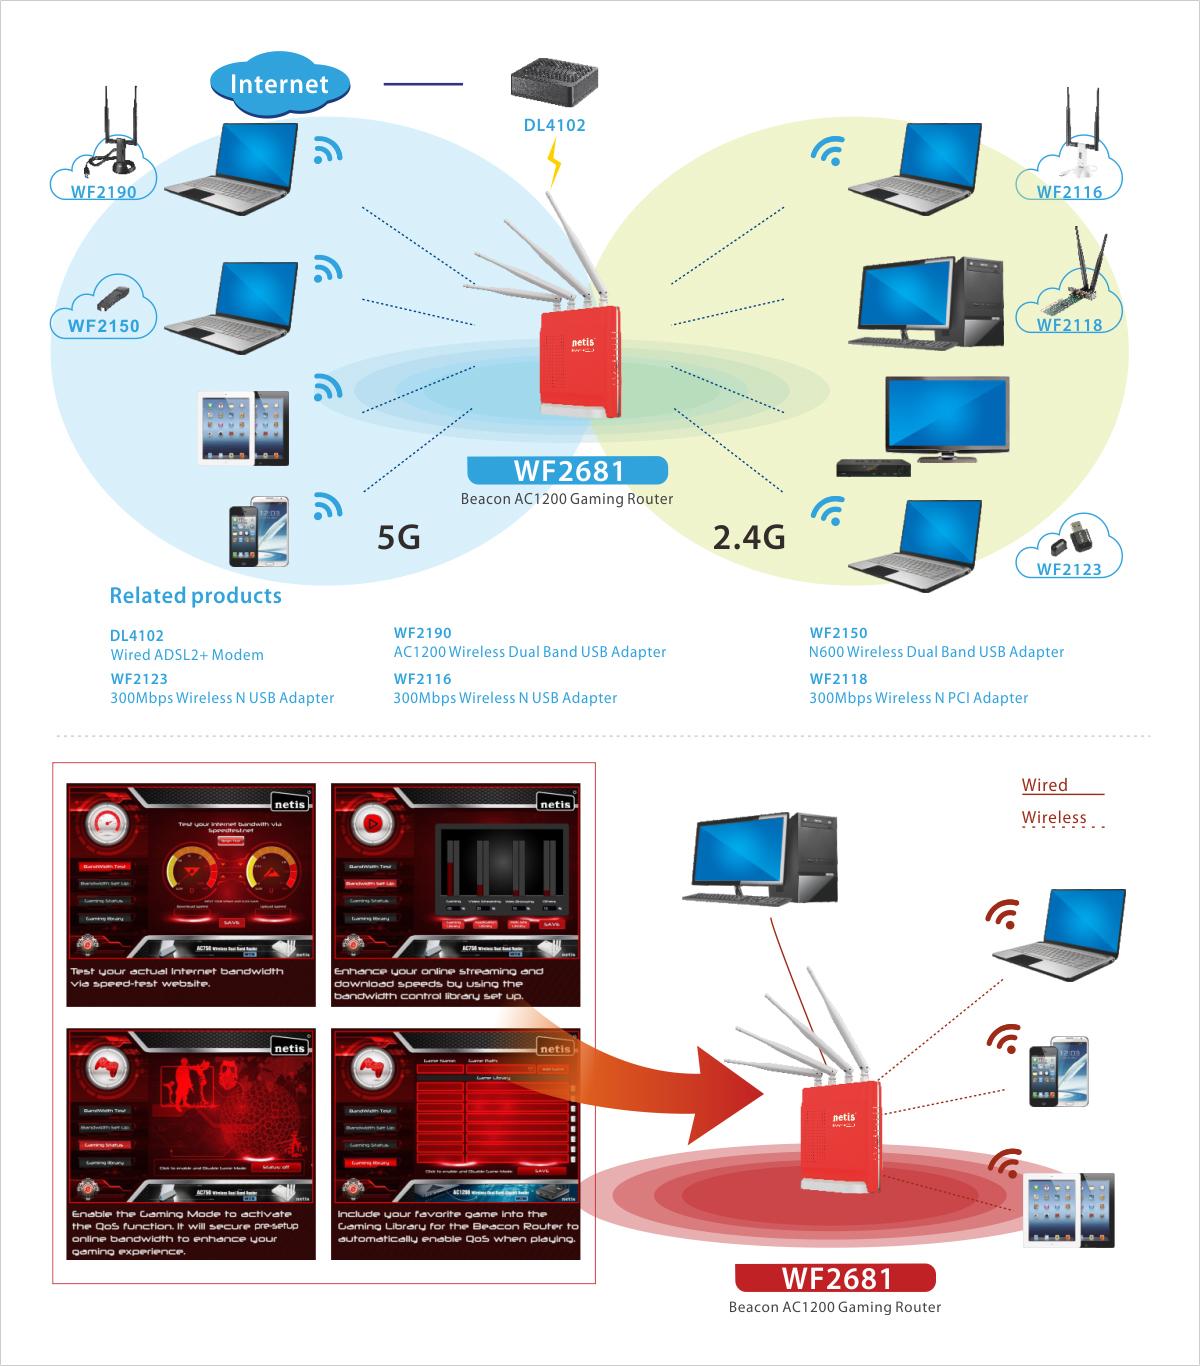 Wf2681 Wireless Modem Diagram